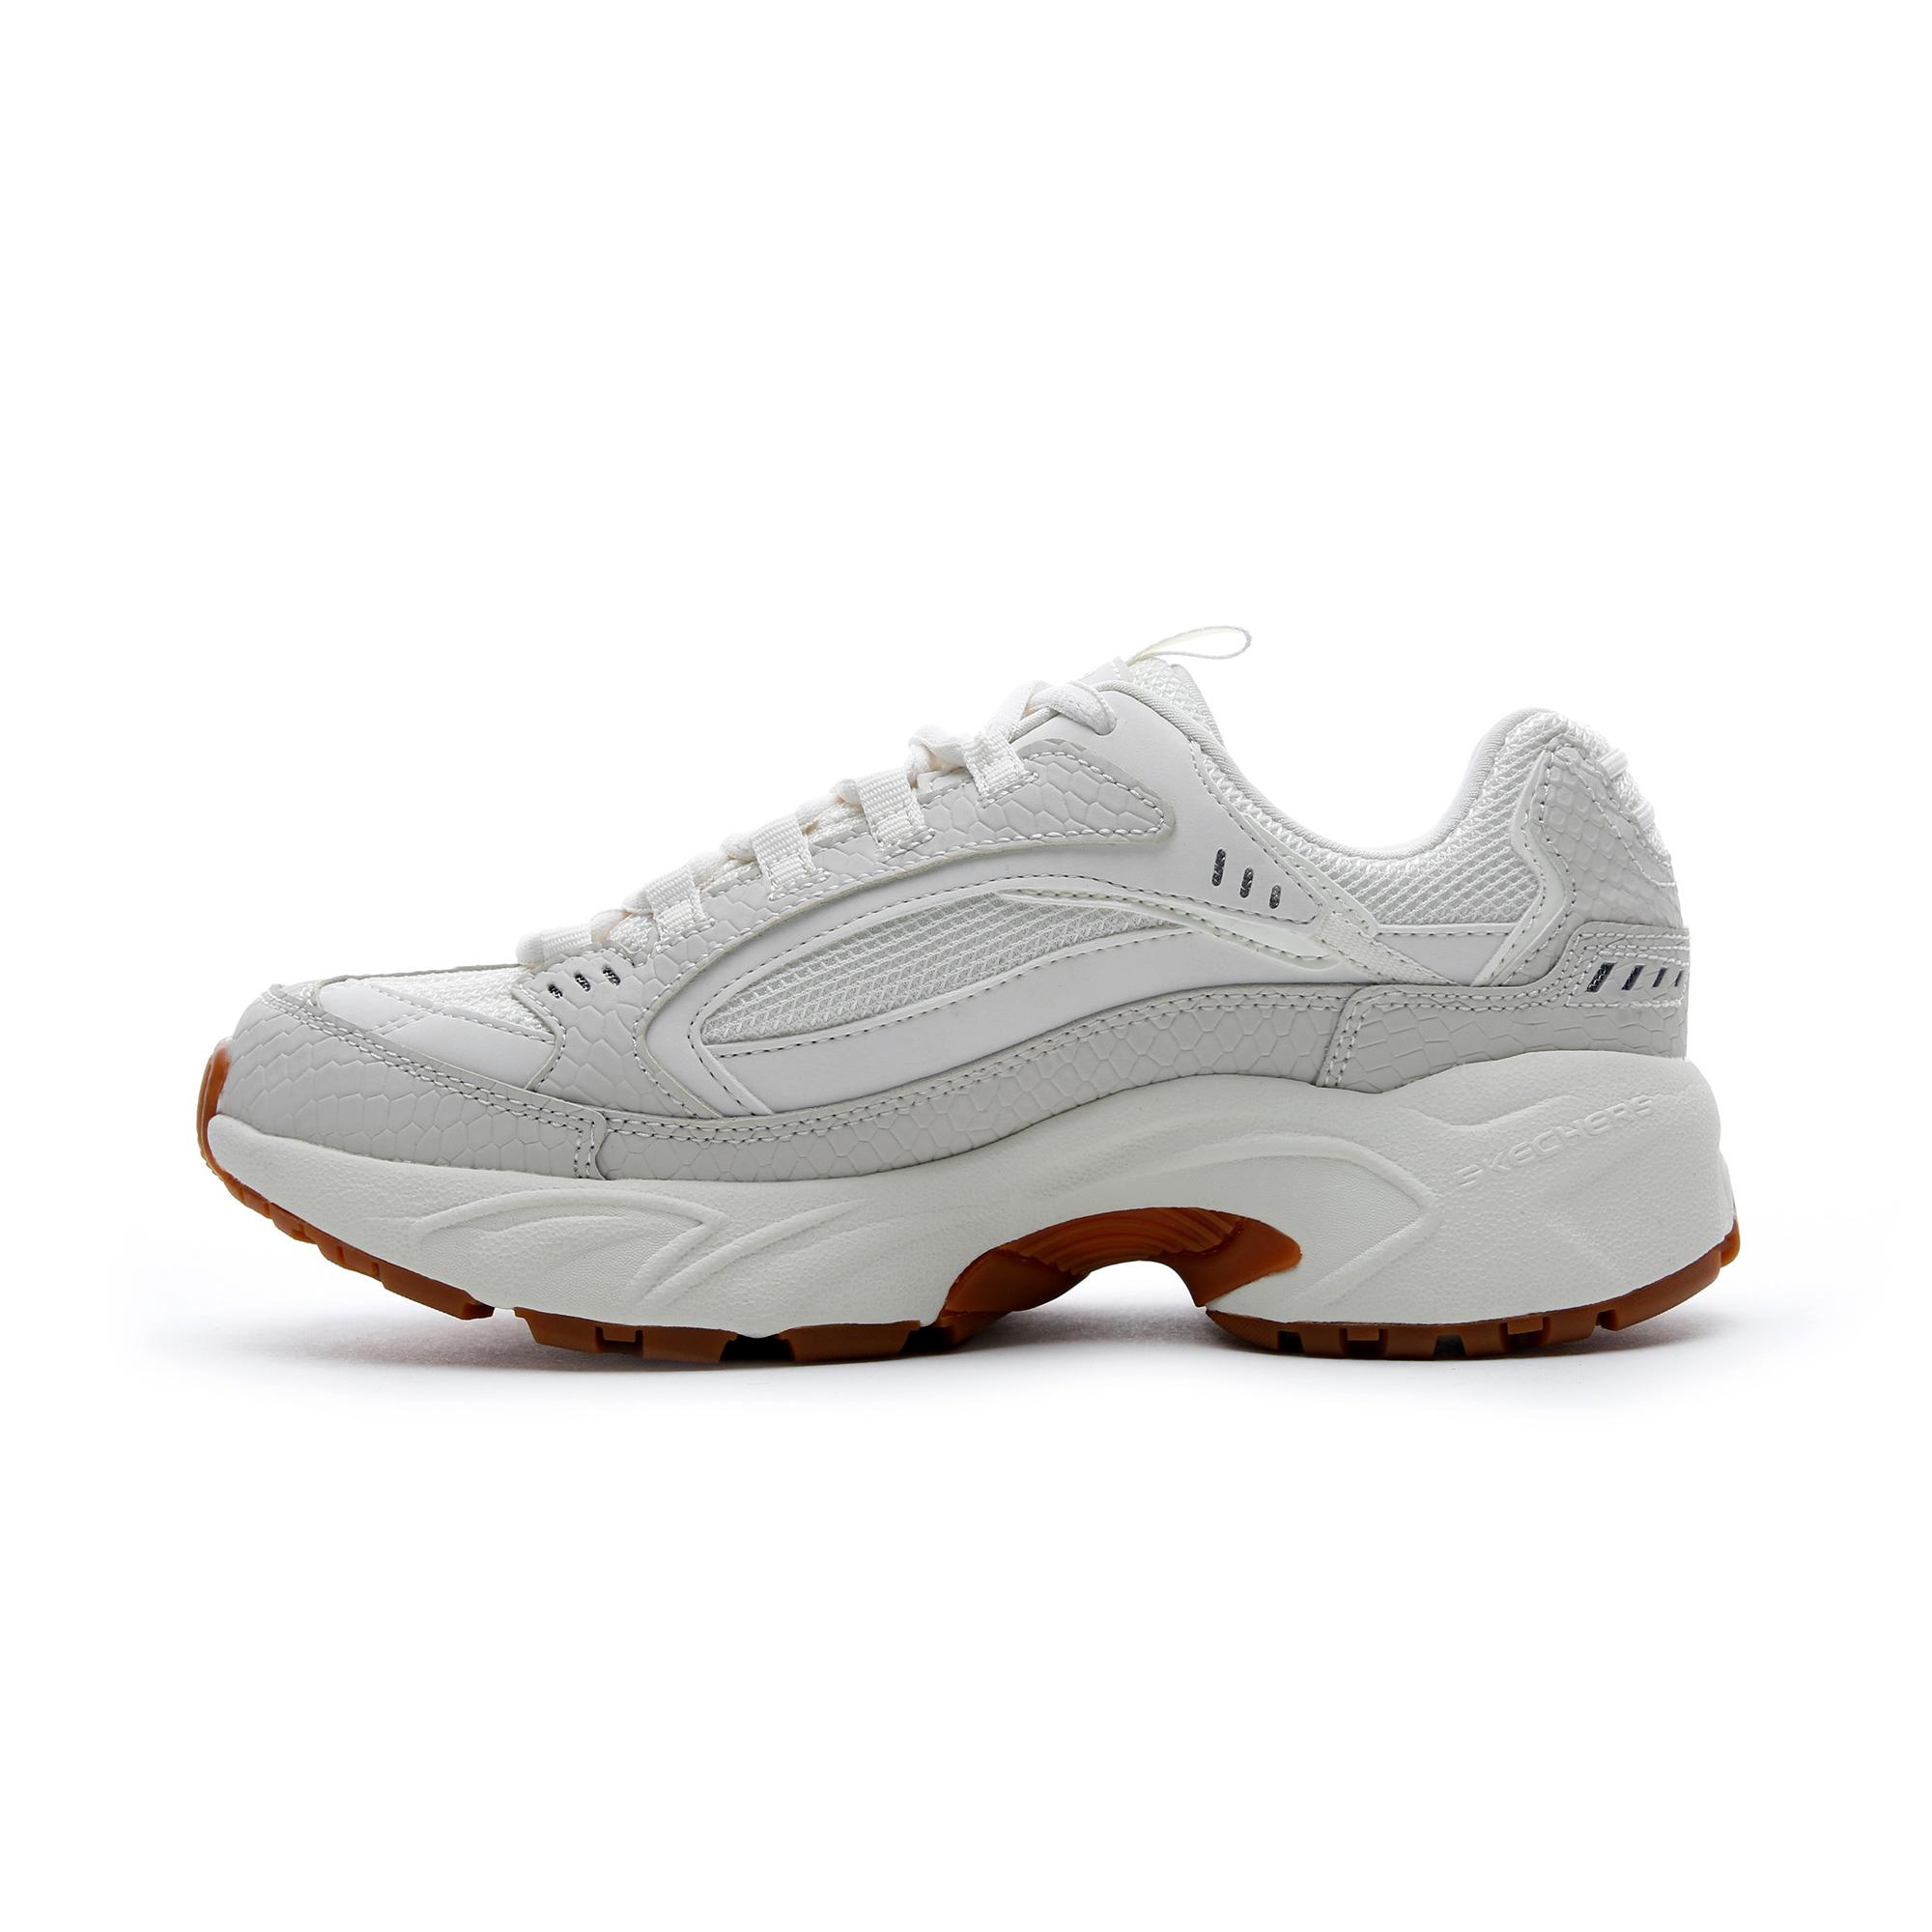 Skechers Stamina-Classy Trail Beyaz Kadın Spor Ayakkabı